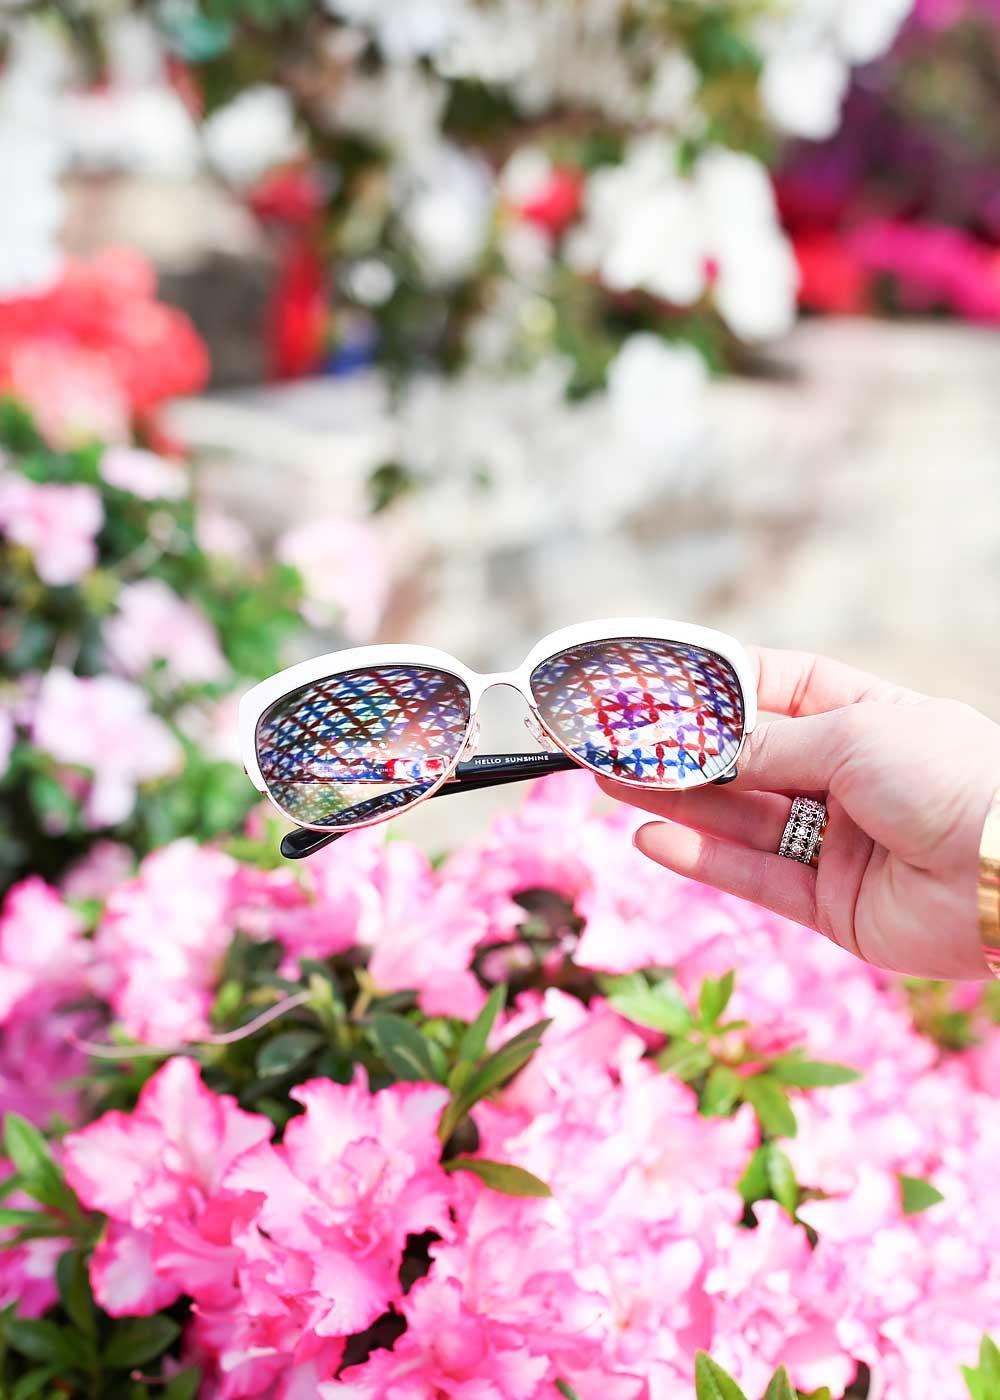 White Rimmed Sunglasses